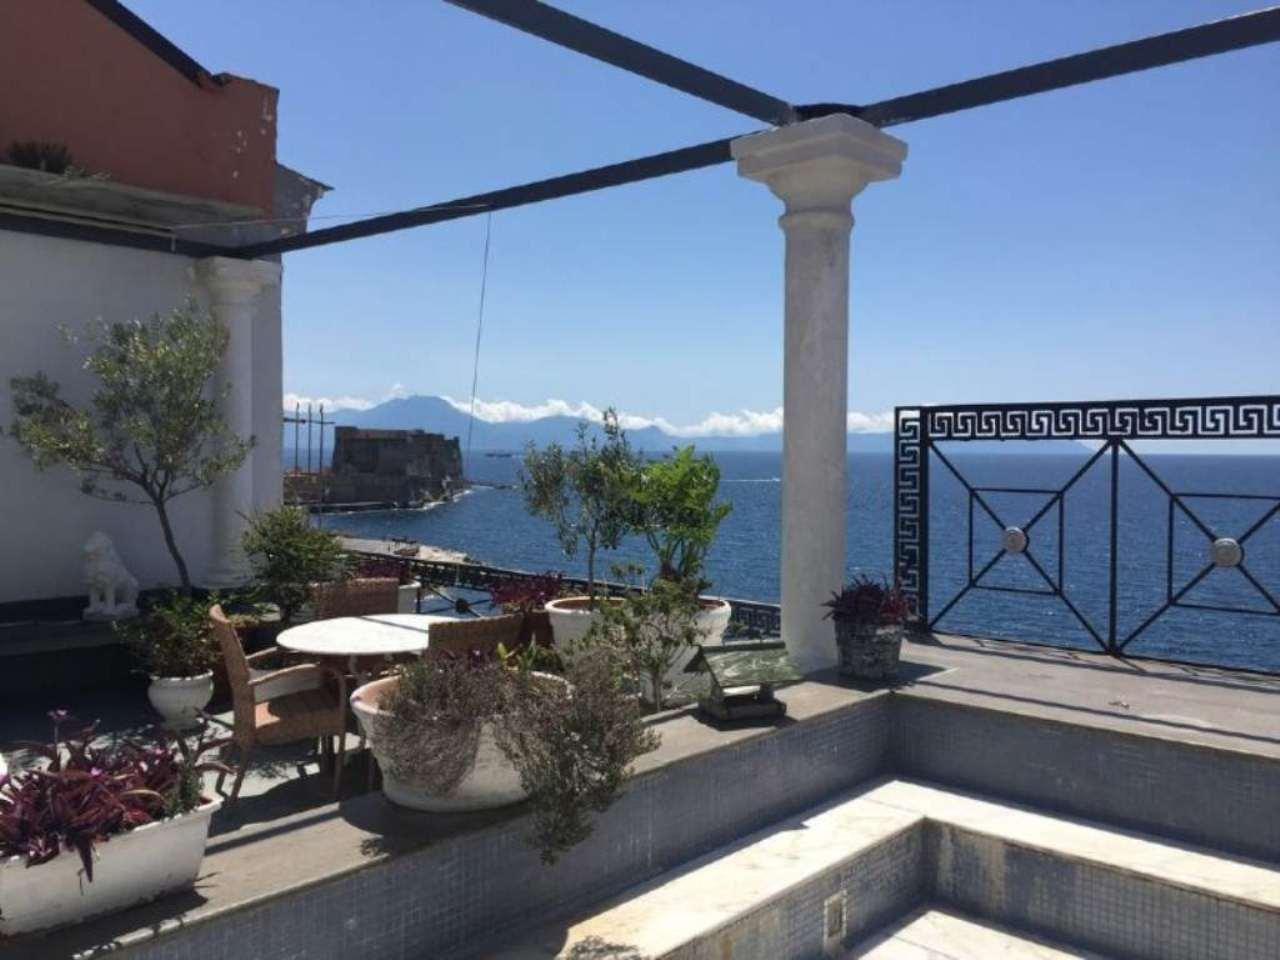 Via Partenope Pretigioso Panoramico Con Terrazzo | Marinelli ...